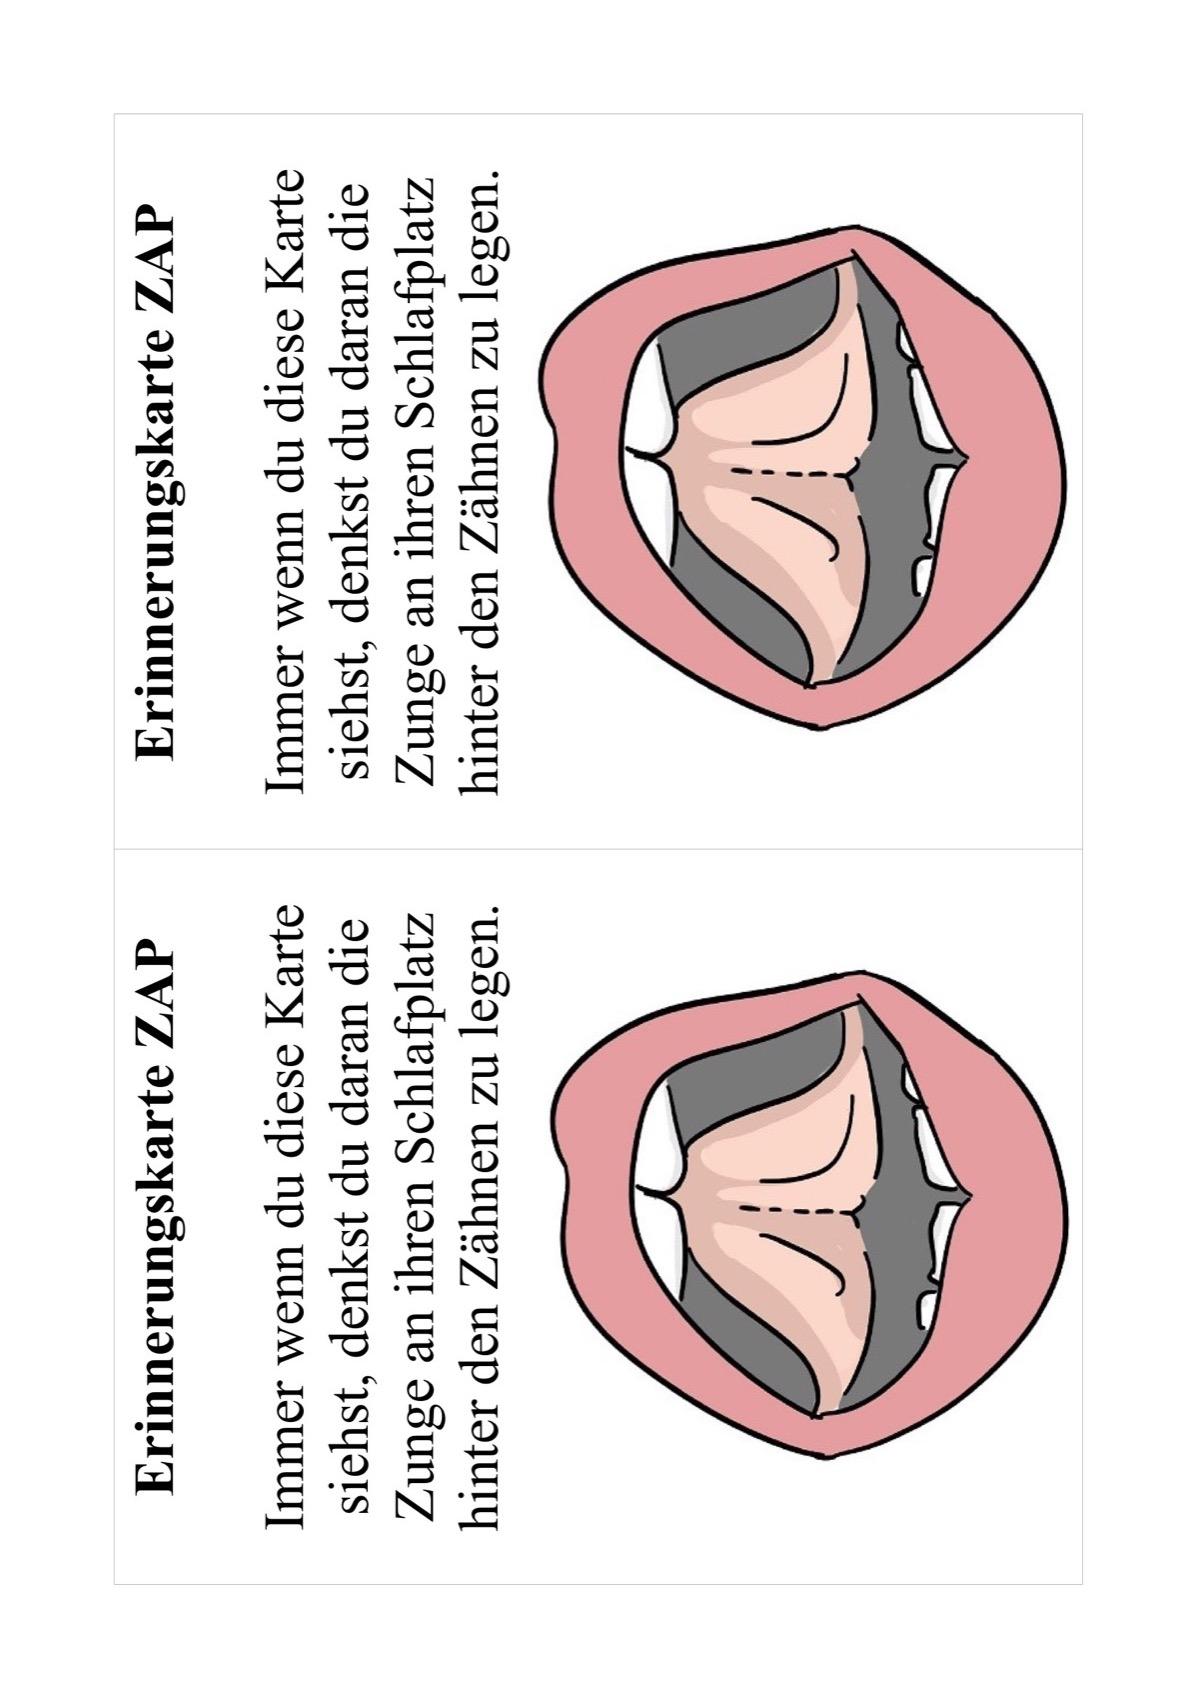 Erinnerungskarte Zungenruhelage - myofunktionelle Störung - madoo.net